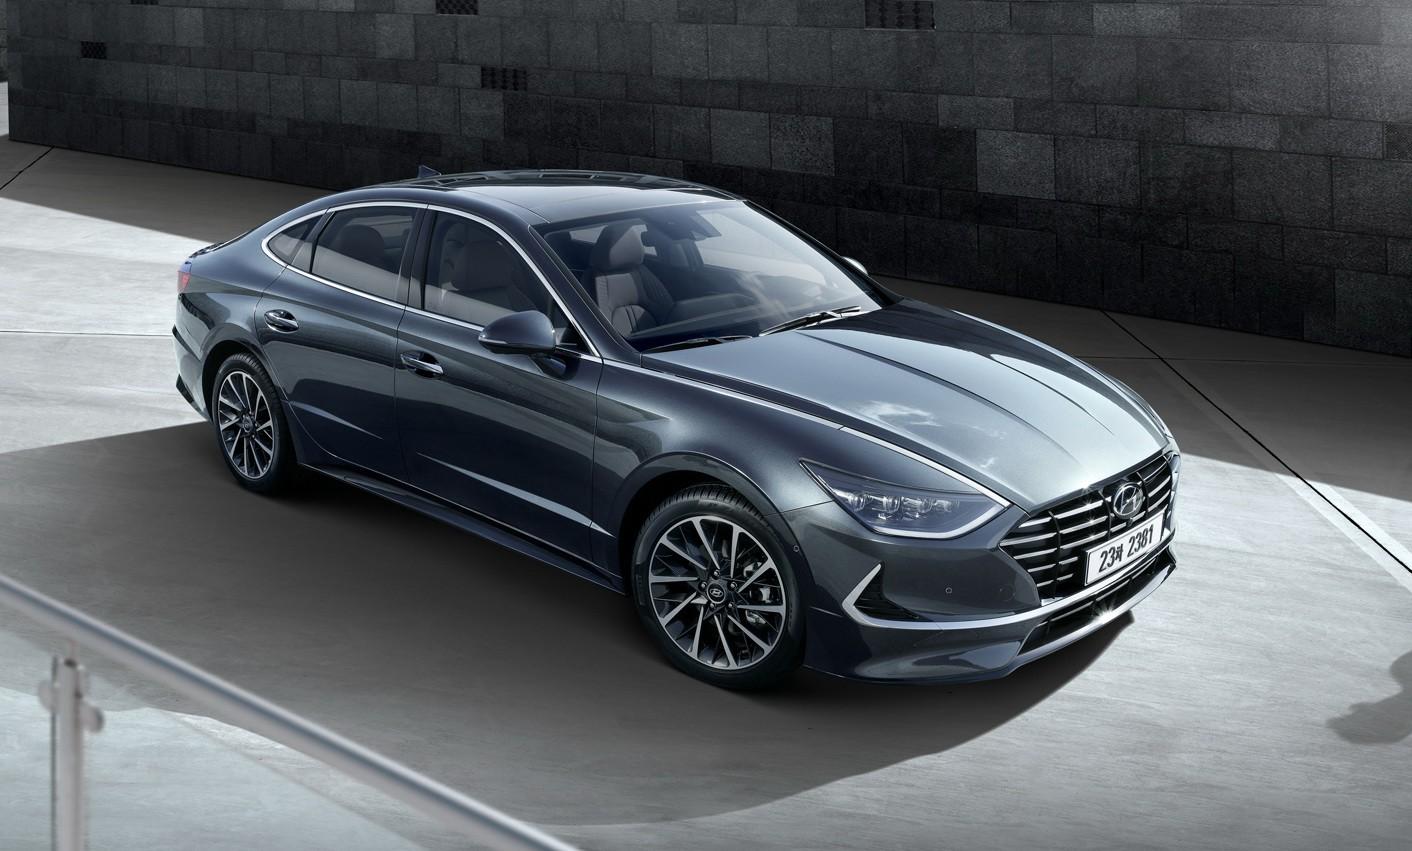 Hyundai Sonata thế hệ mới an toàn hơn với khung gầm thép siêu cường lực